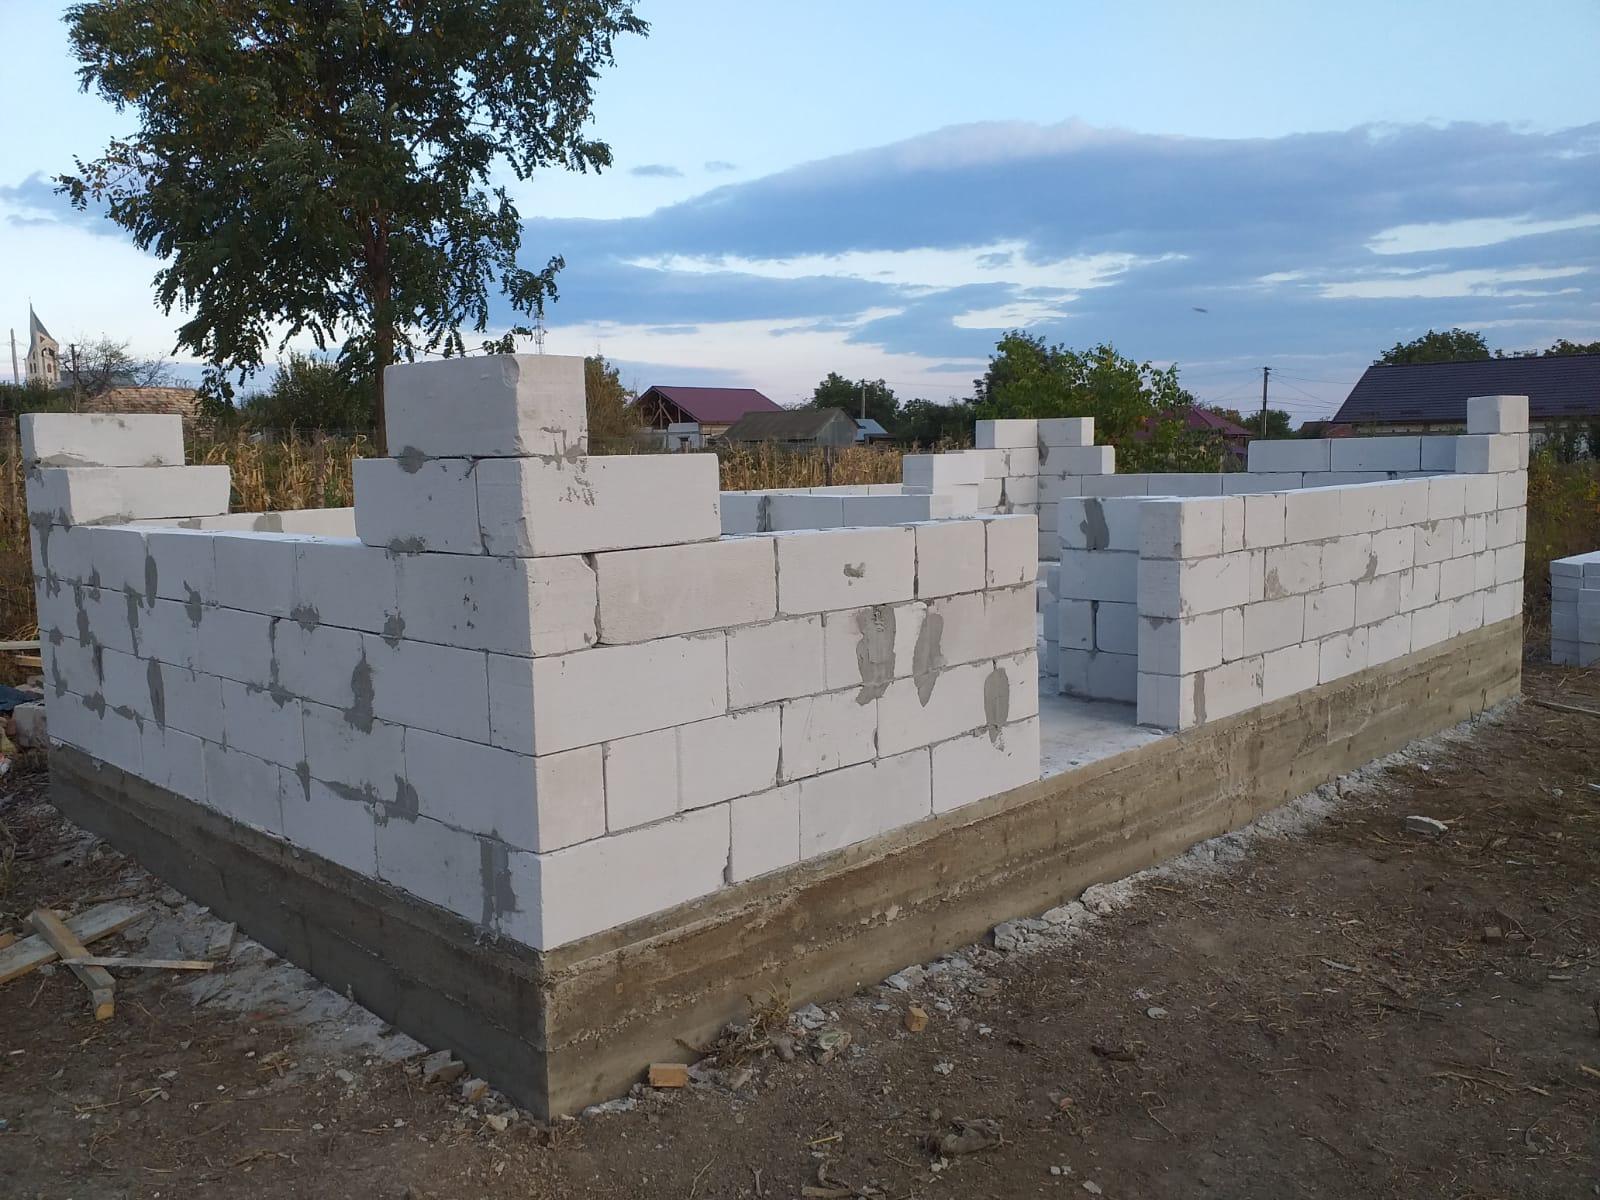 UPDATE 30.09.2019 - Astăzi s-a decofrat temelia şi s-a început zidirea căsuţei.